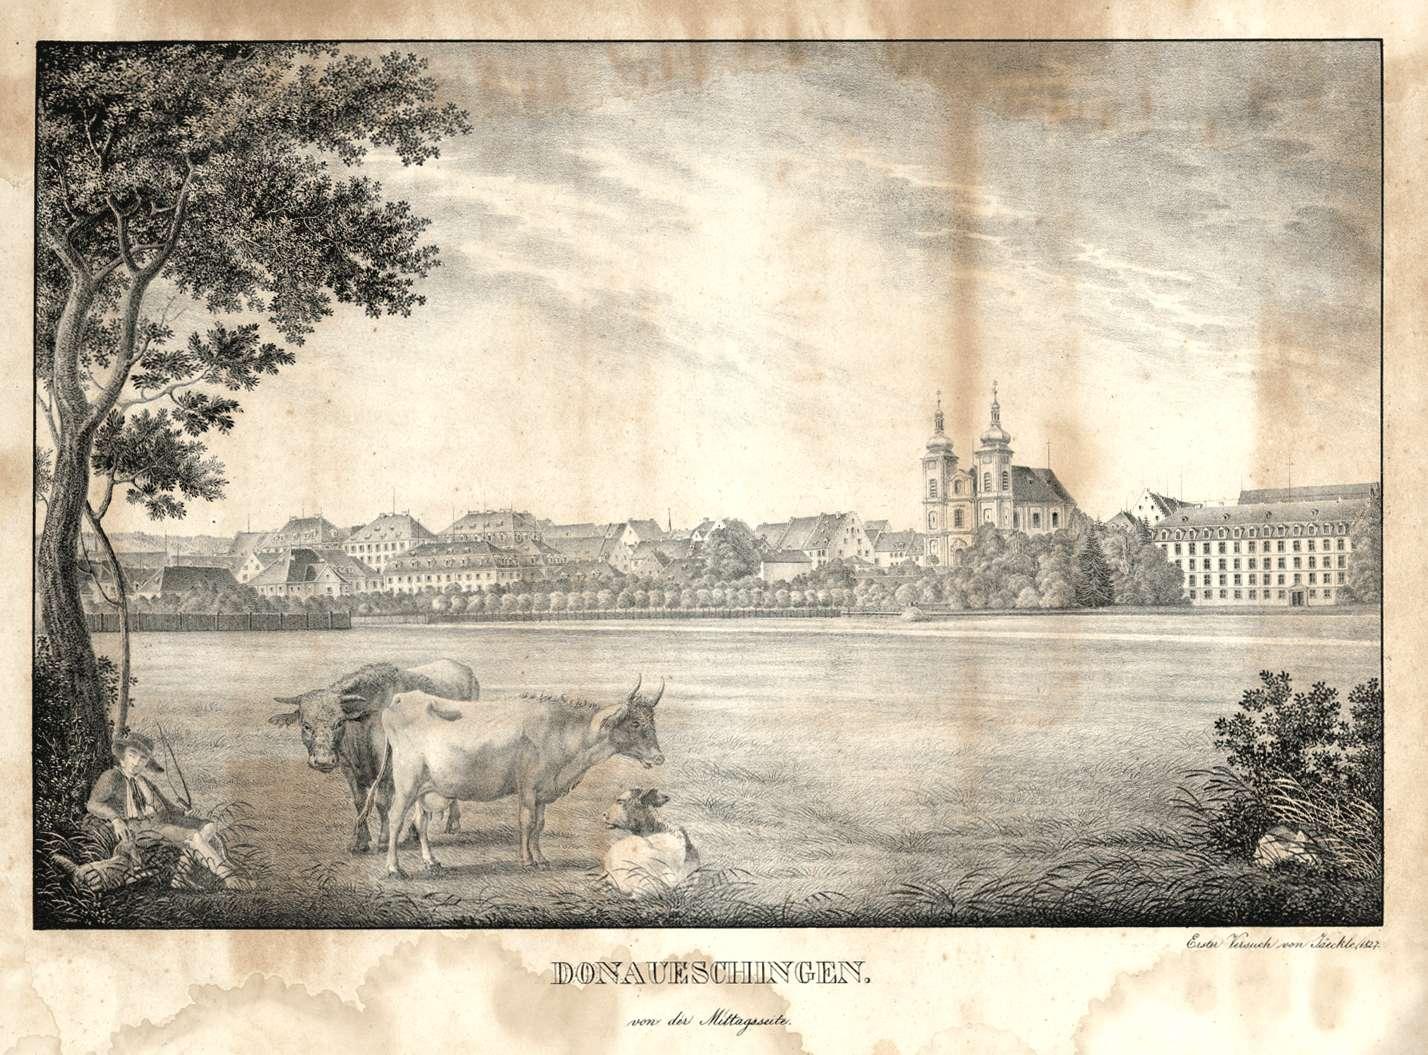 Donaueschingen von der Mittagsseite, Bild 1